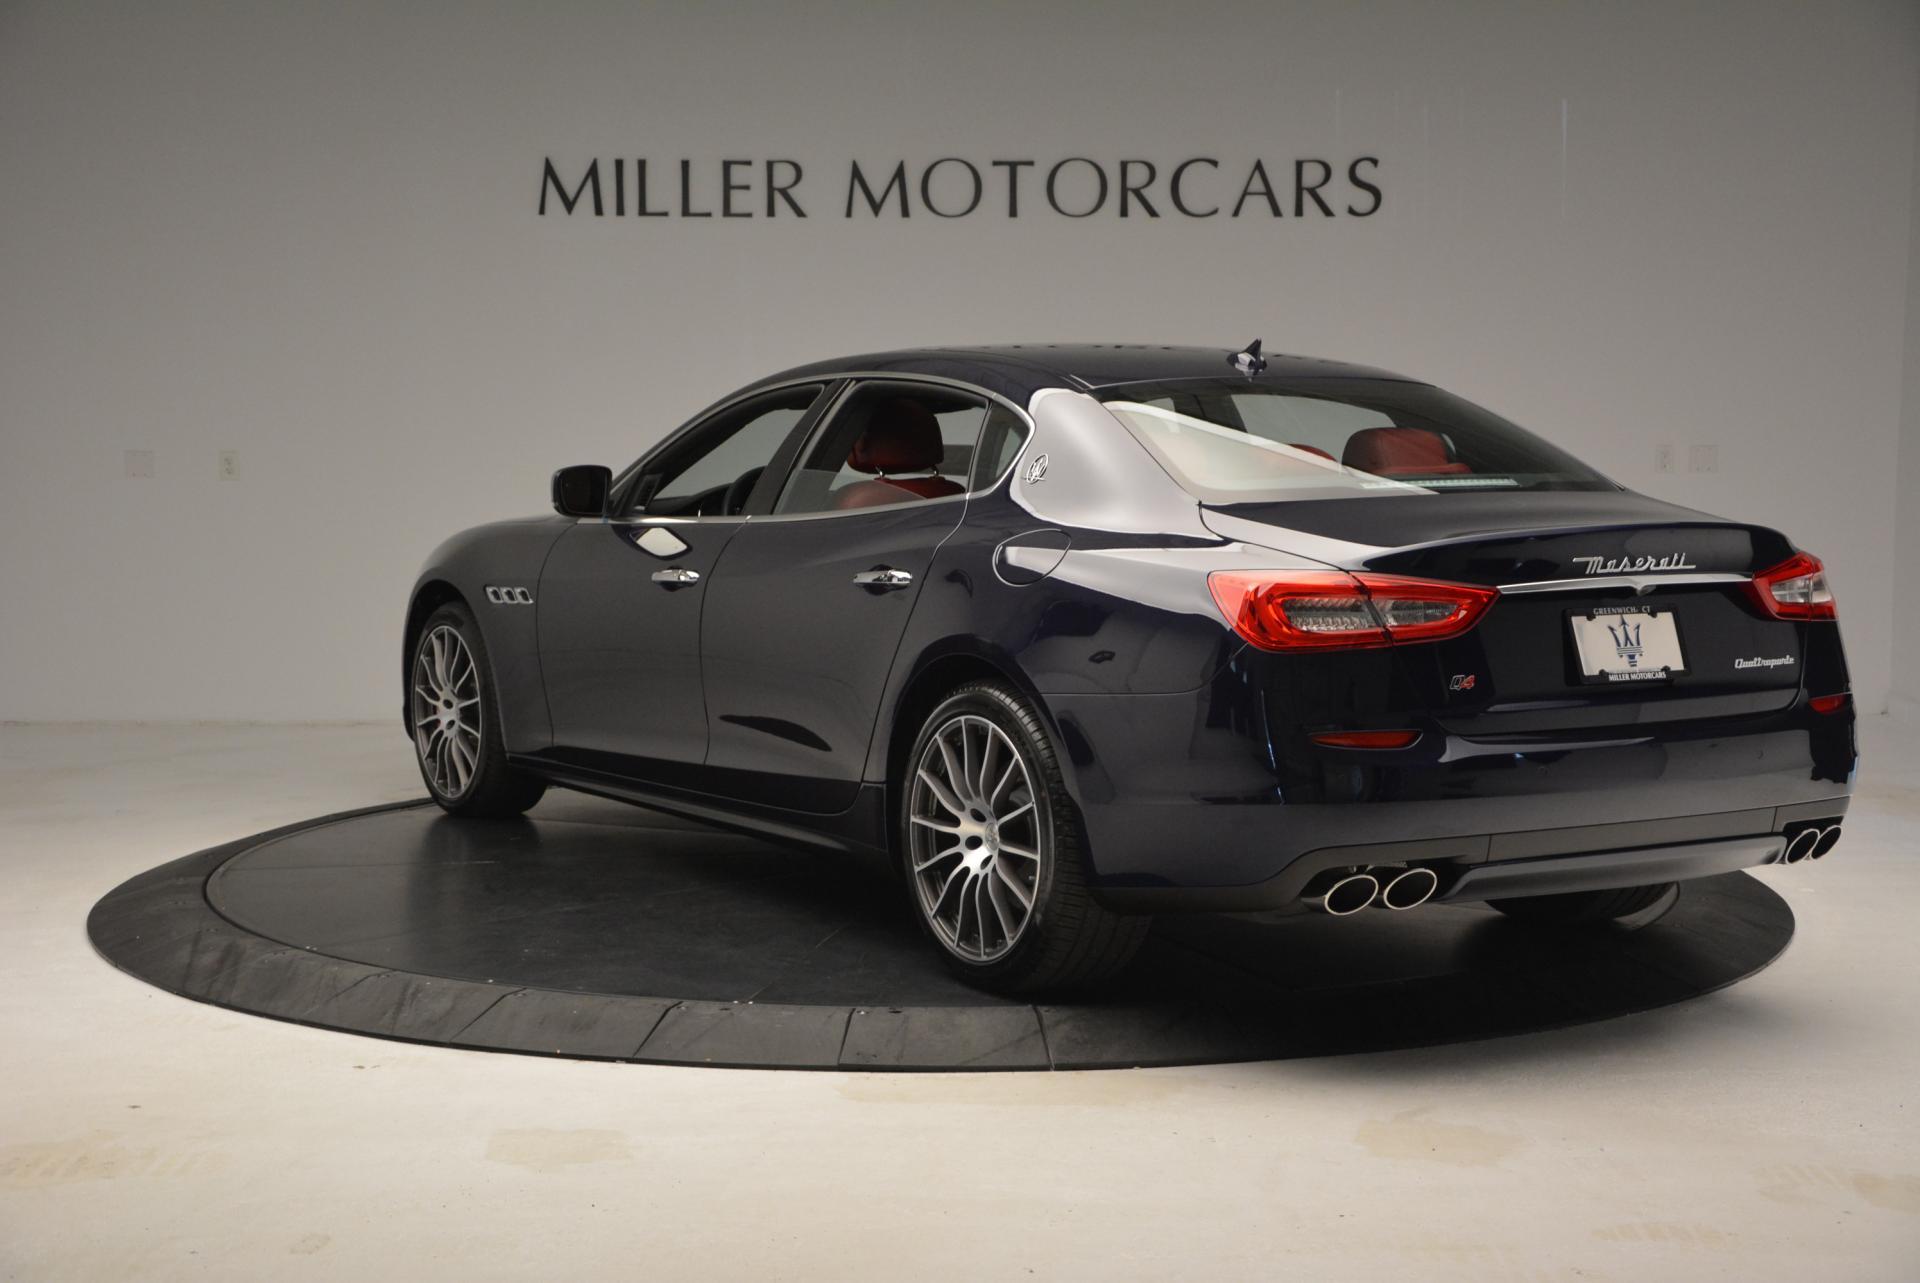 New 2016 Maserati Quattroporte S Q4  *******      DEALER'S  DEMO For Sale In Greenwich, CT 185_p6